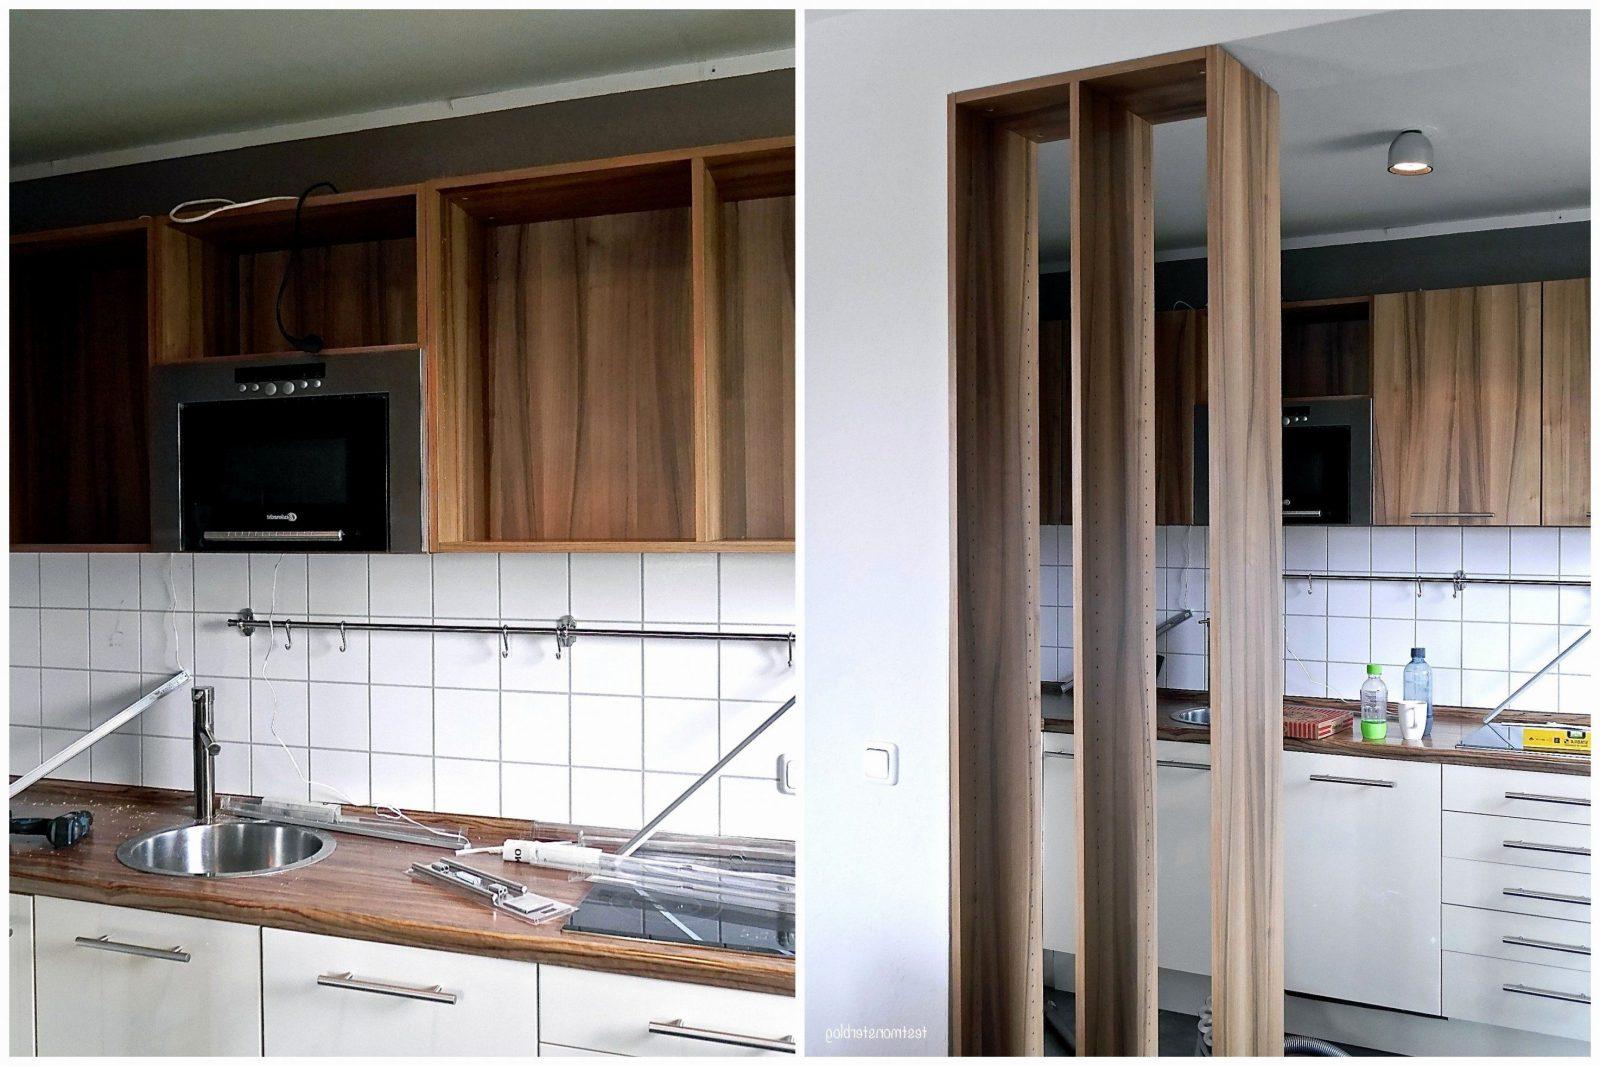 Respekta Miniküche Mit Kühlschrank Pantry 100 : Miniküche mit kühlschrank cm stengel miniküche home weiß